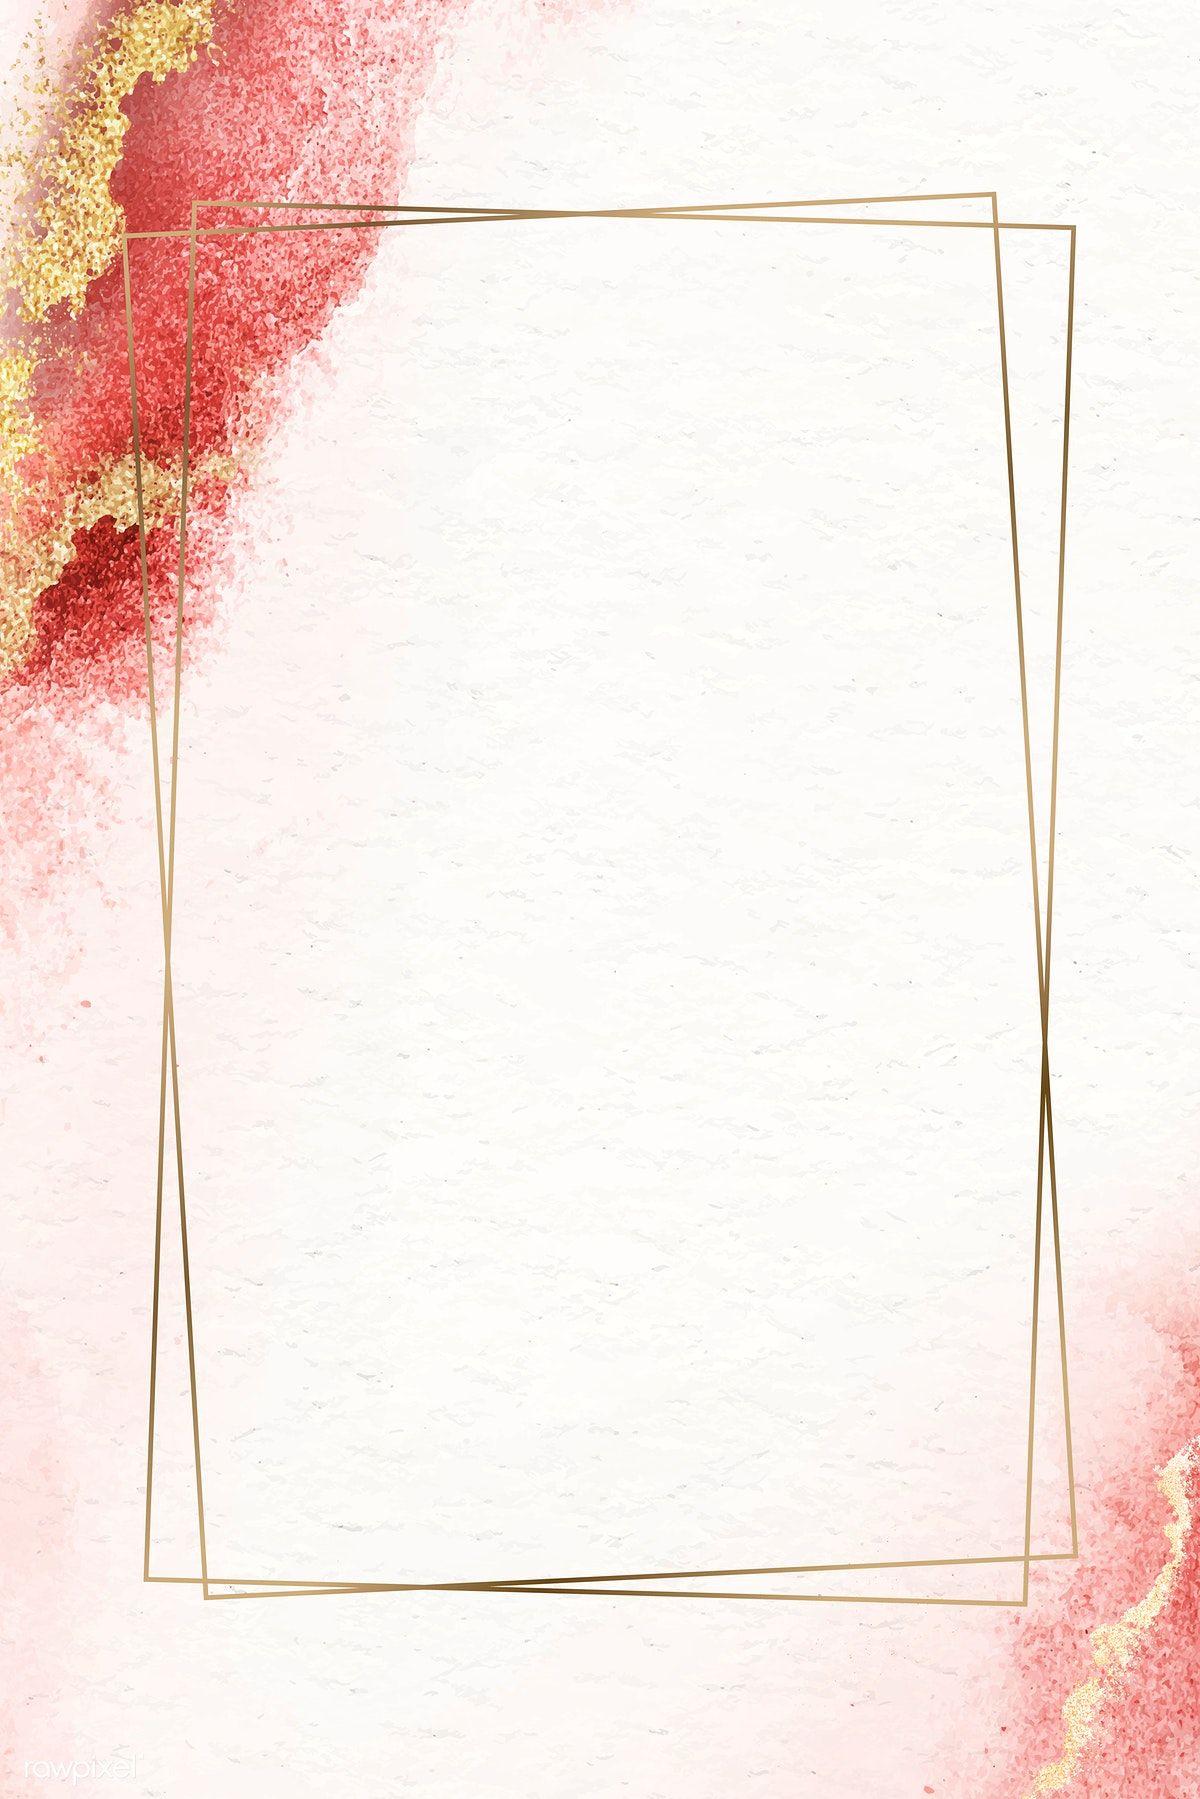 Download Premium Vector Of Rectangle Golden Vintage Frame Design Frame Design Vintage Frames Flower Background Wallpaper